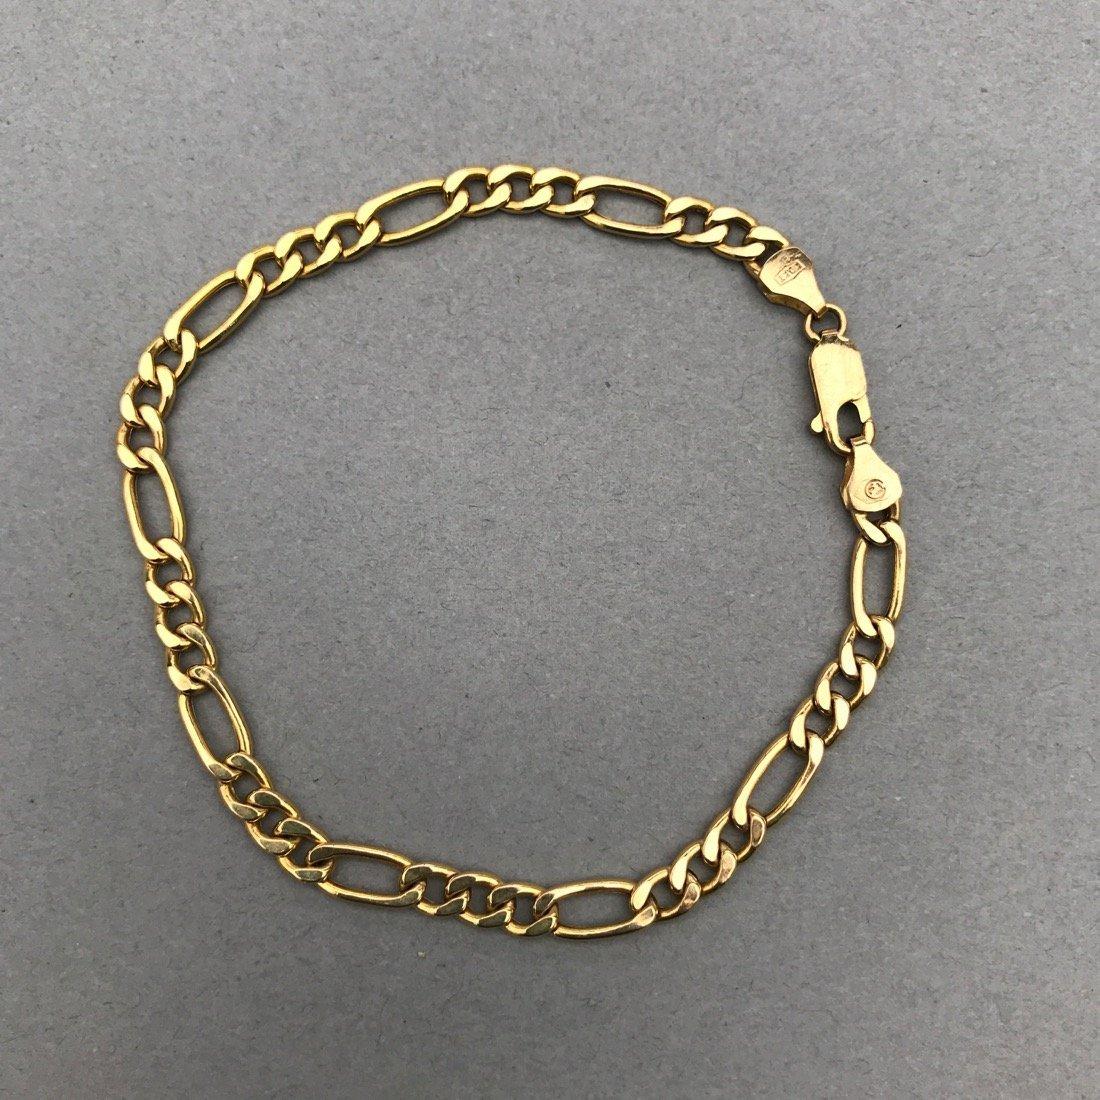 3 10K Gold Bracelets - 5